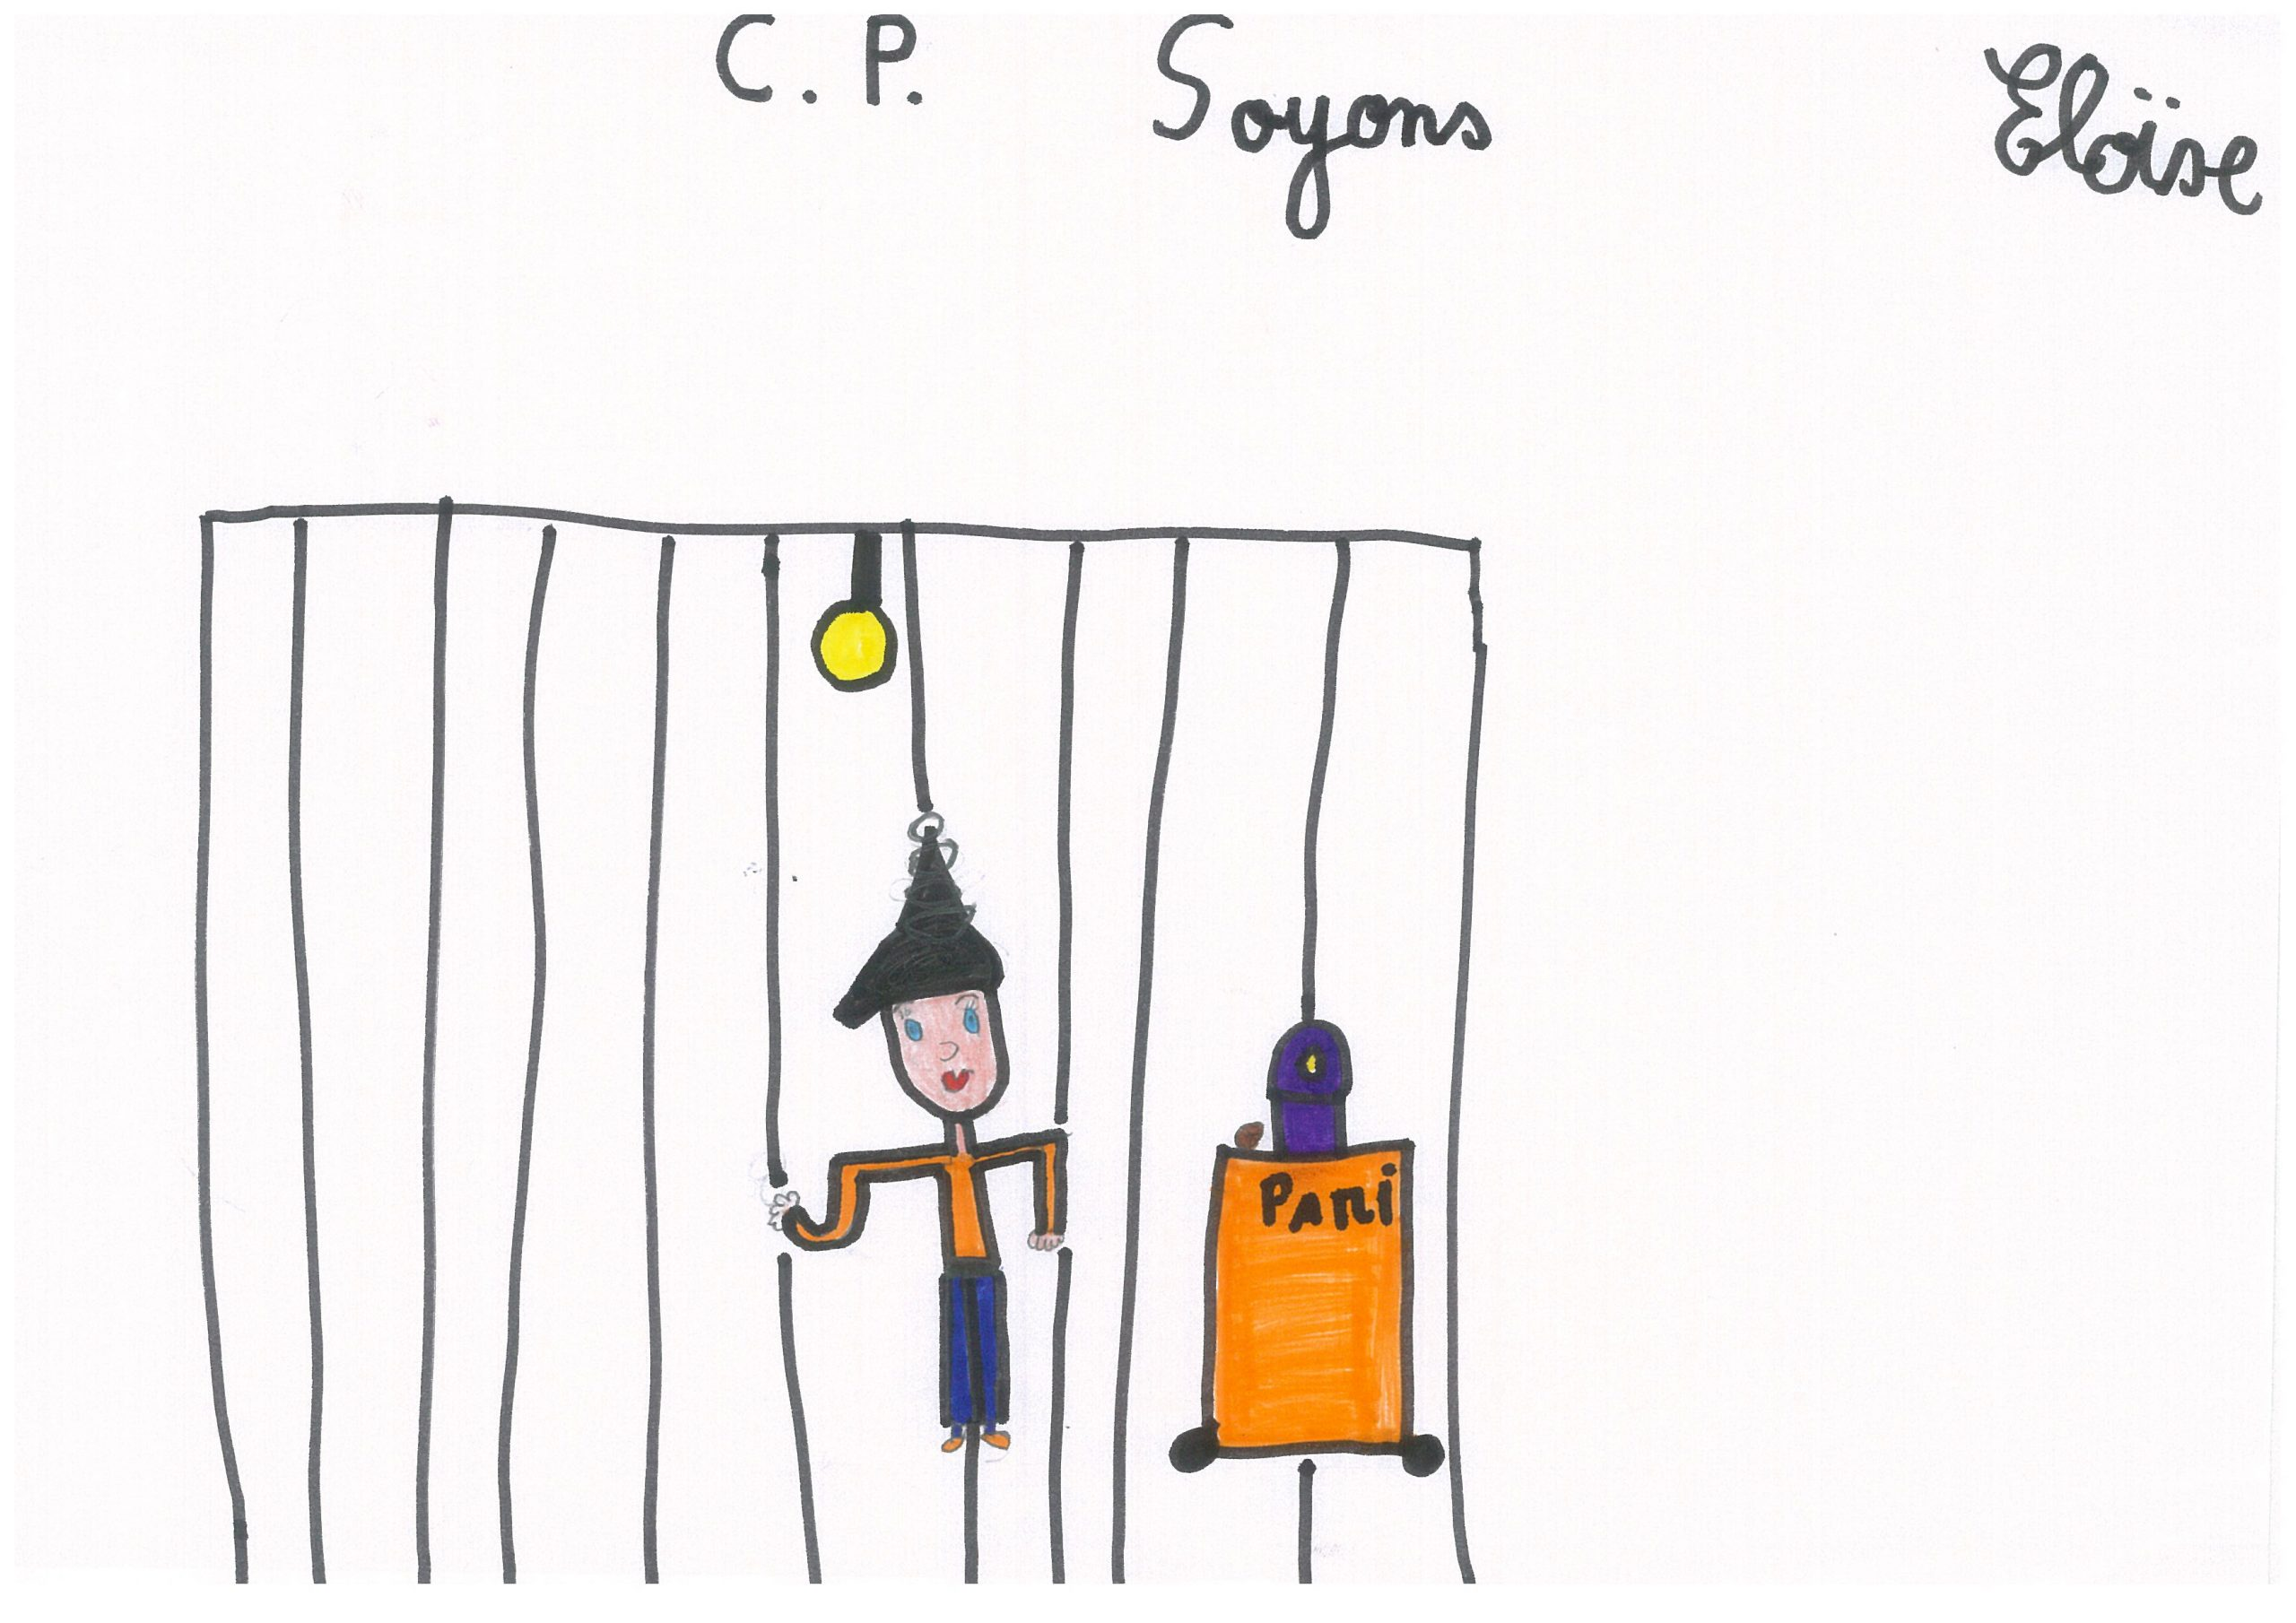 Dessins des enfants de la classe de Cp de Soyons dans le cadre de Mimages2021